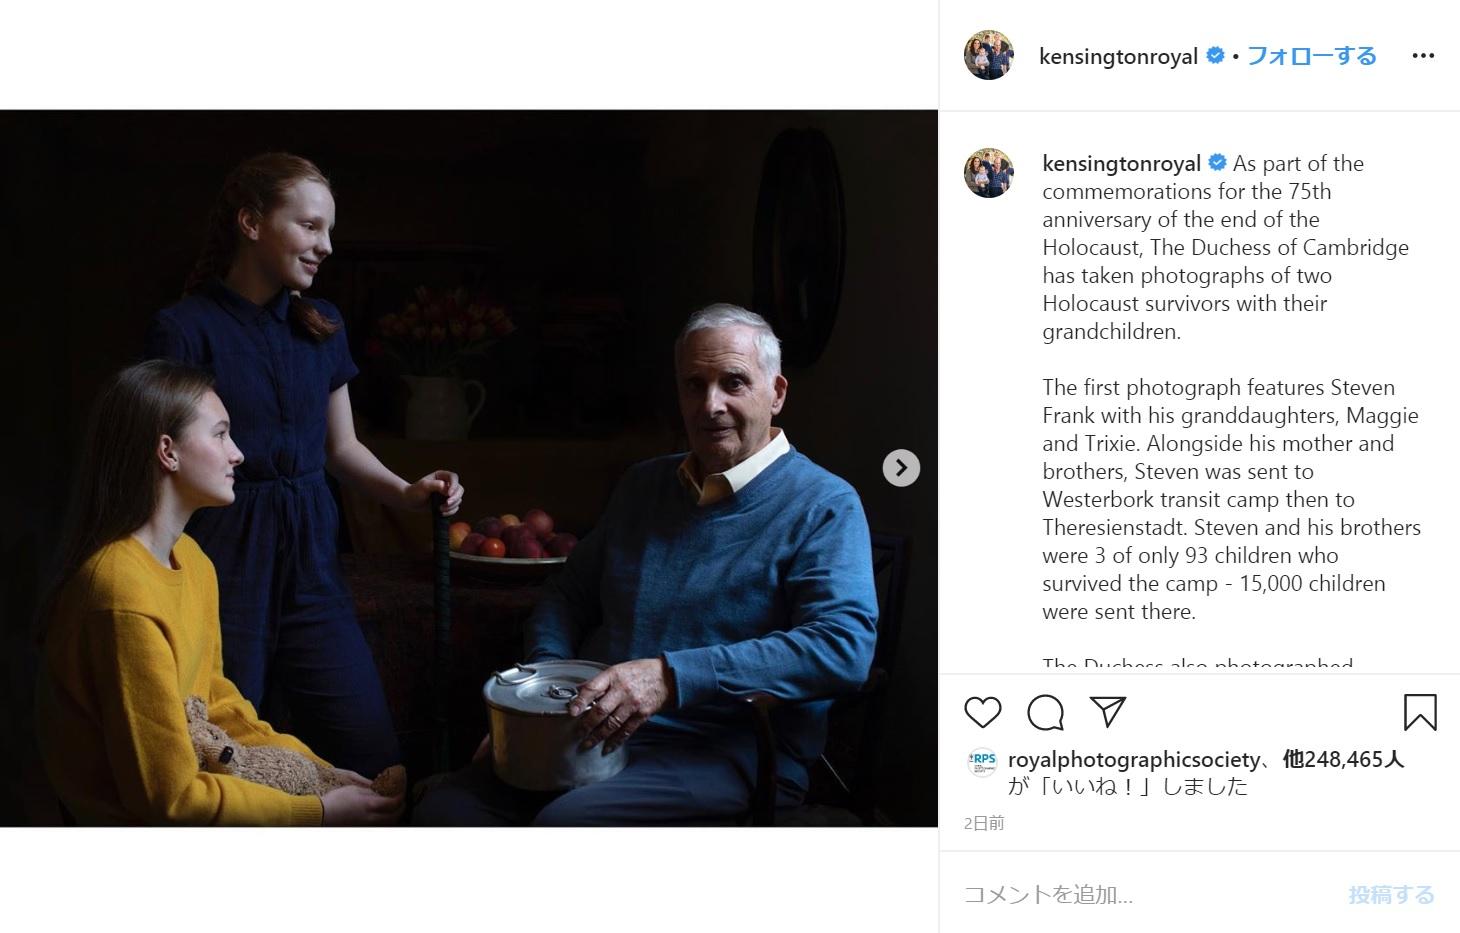 ホロコースト生存者の84歳の男性、孫2人と(画像は『Kensington Palace 2020年1月27日付Instagram「As part of the commemorations for the 75th anniversary of the end of the Holocaust, The Duchess of Cambridge has taken photographs of two Holocaust survivors with their grandchildren.」』のスクリーンショット)